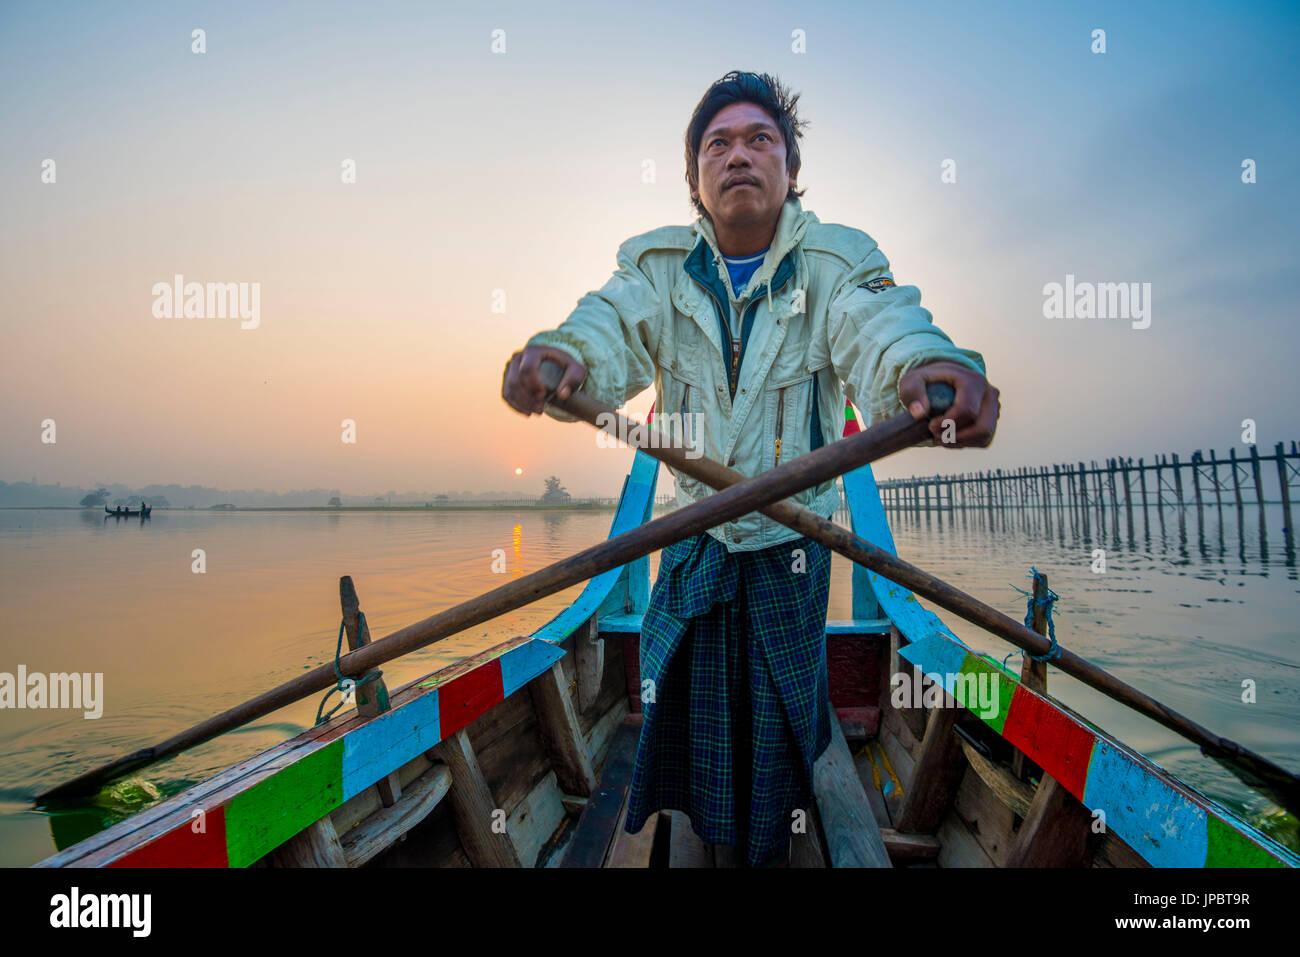 Amarapura, región de Mandalay, Myanmar. Hombre remo en su colorido barco sobre el lago Taungthaman al amanecer, con el Puente U Bein en el fondo. Imagen De Stock